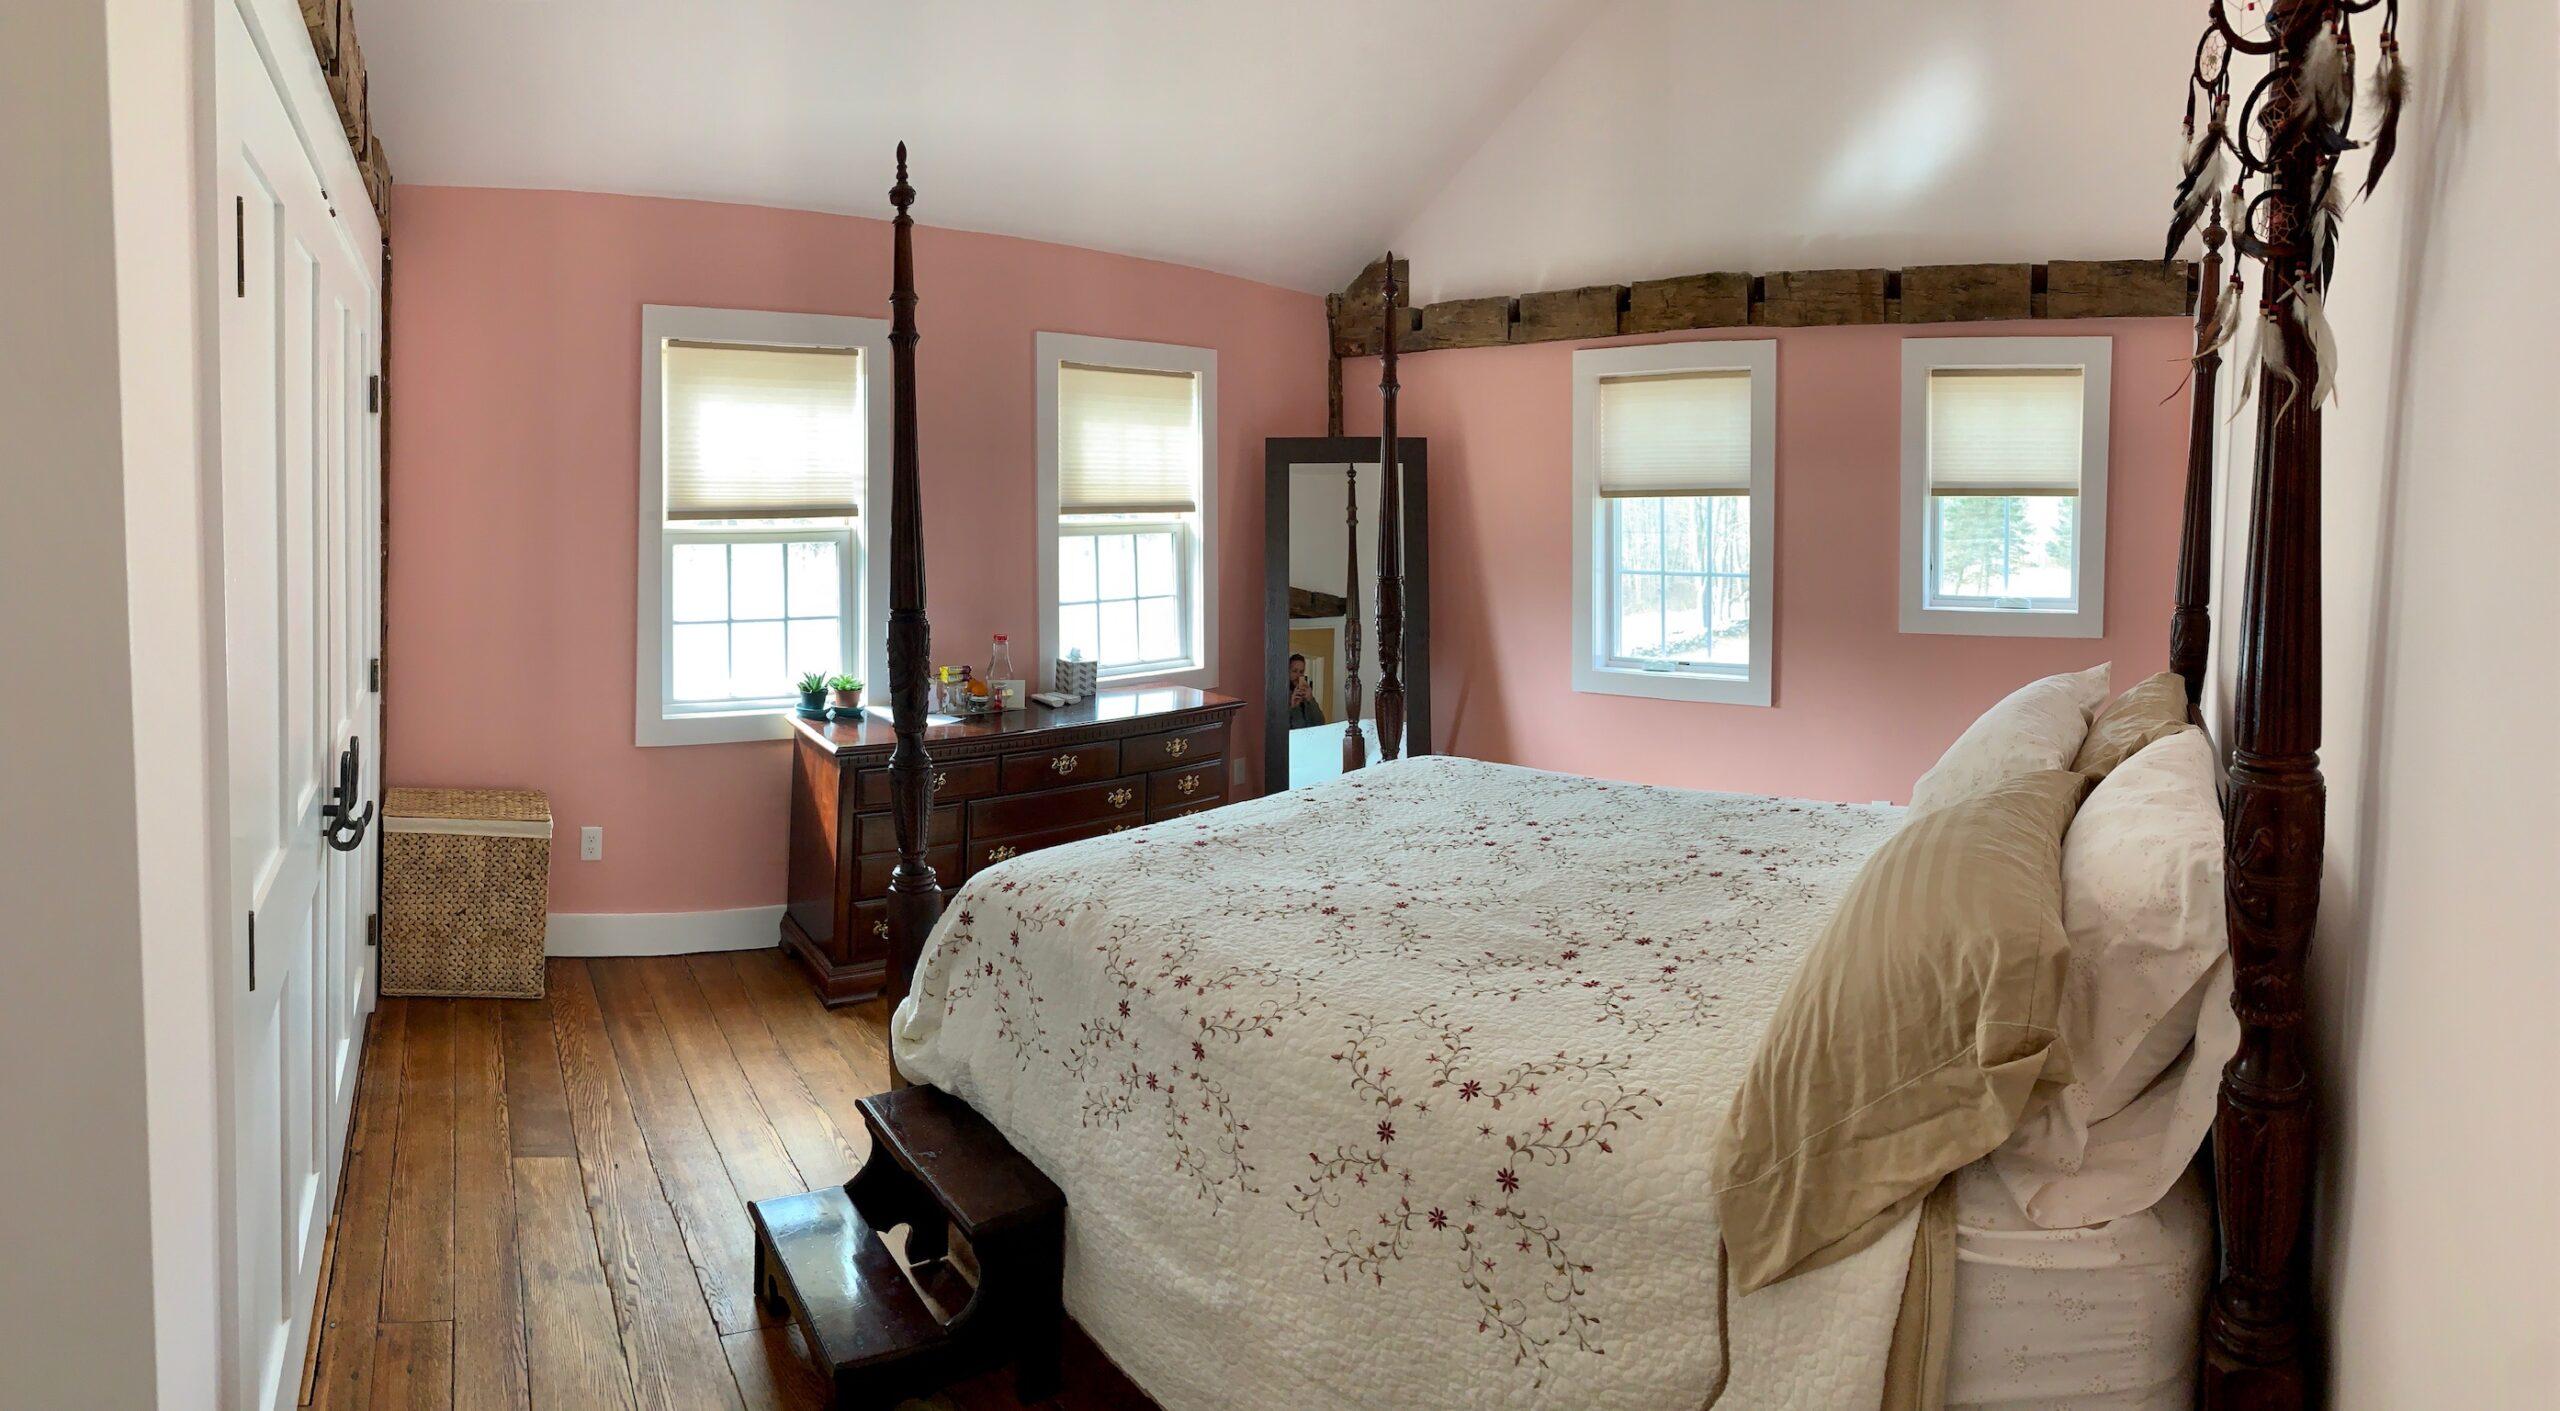 ping bedroom view from the door